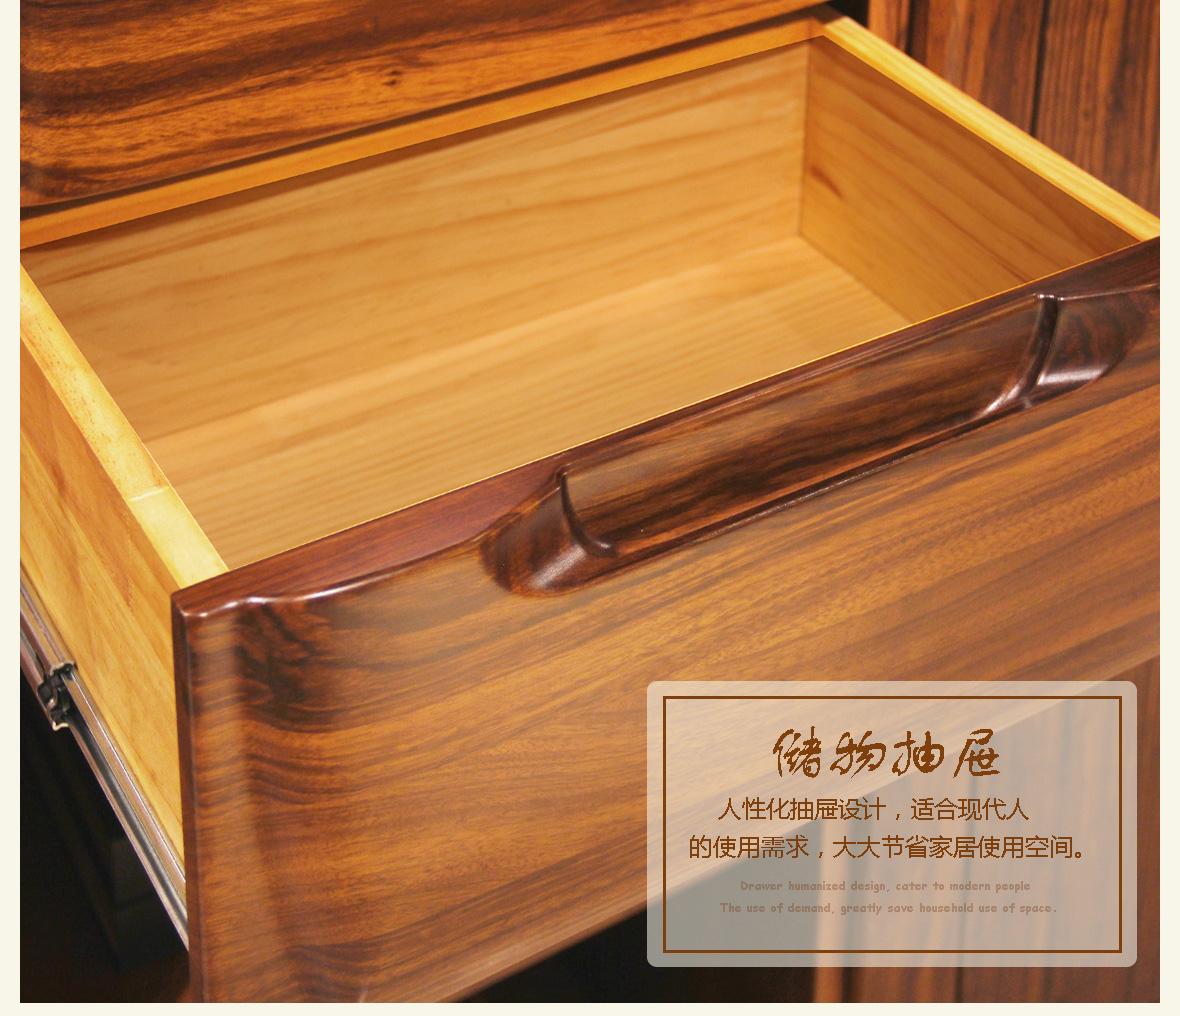 赖氏书柜转角木乌金型号WJE02家具v书柜实木家具哪去买深圳图片